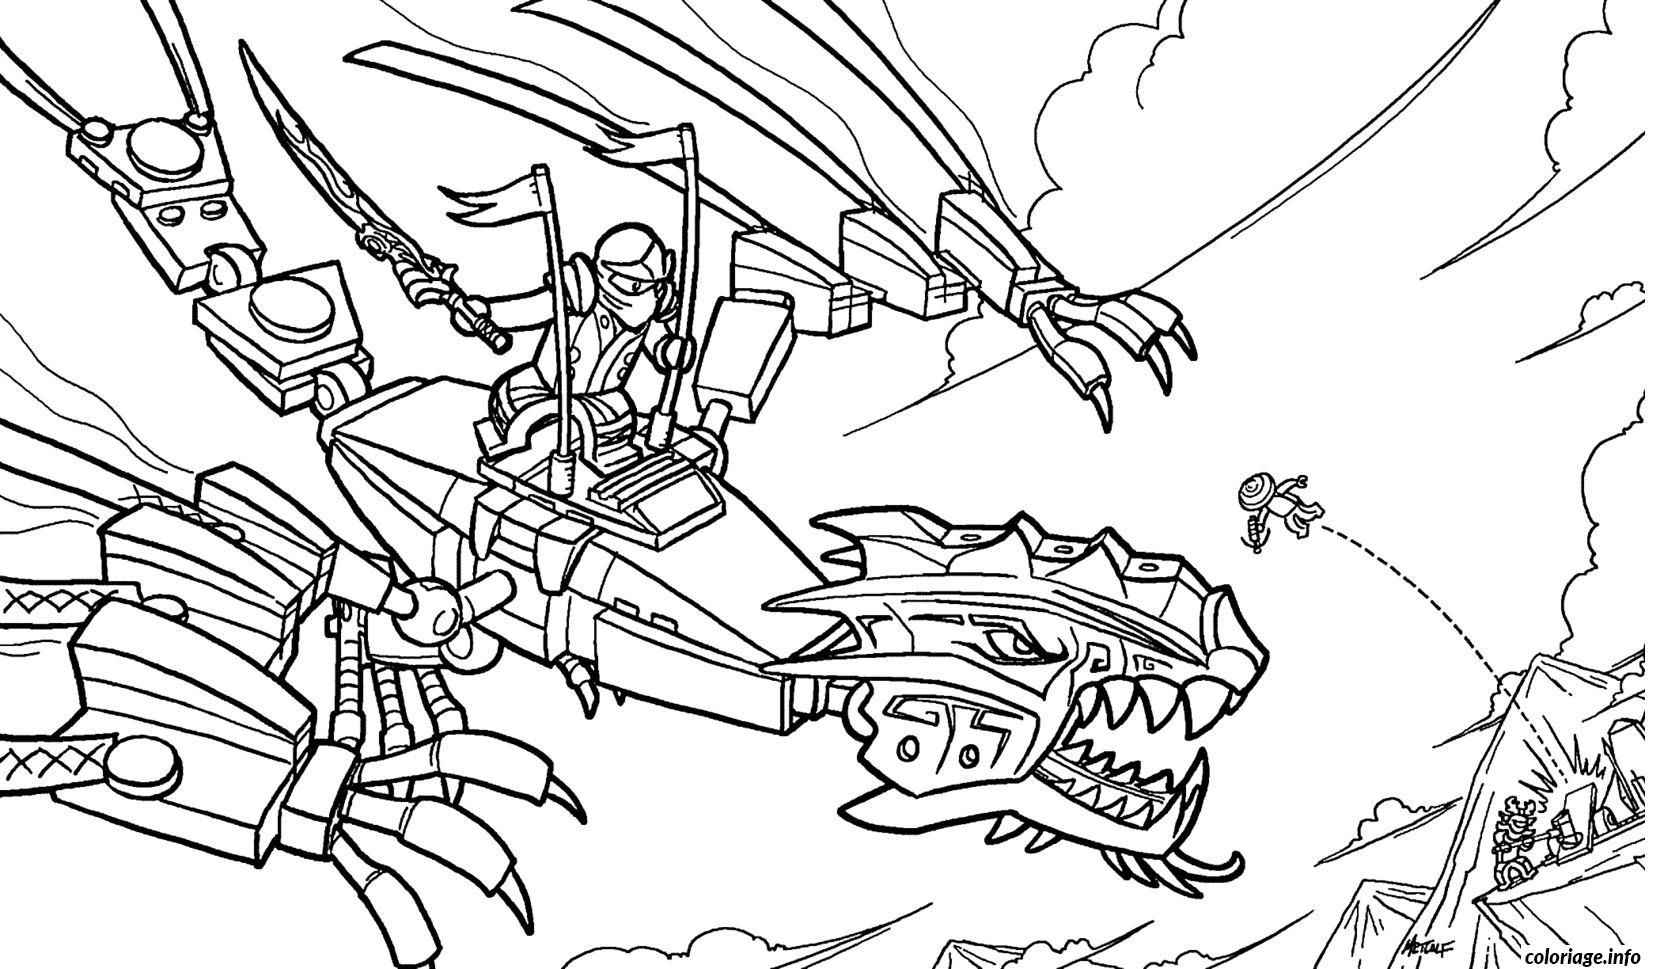 Coloriage ninjago sur un dragon ninja dessin - Imprimer dragon ...